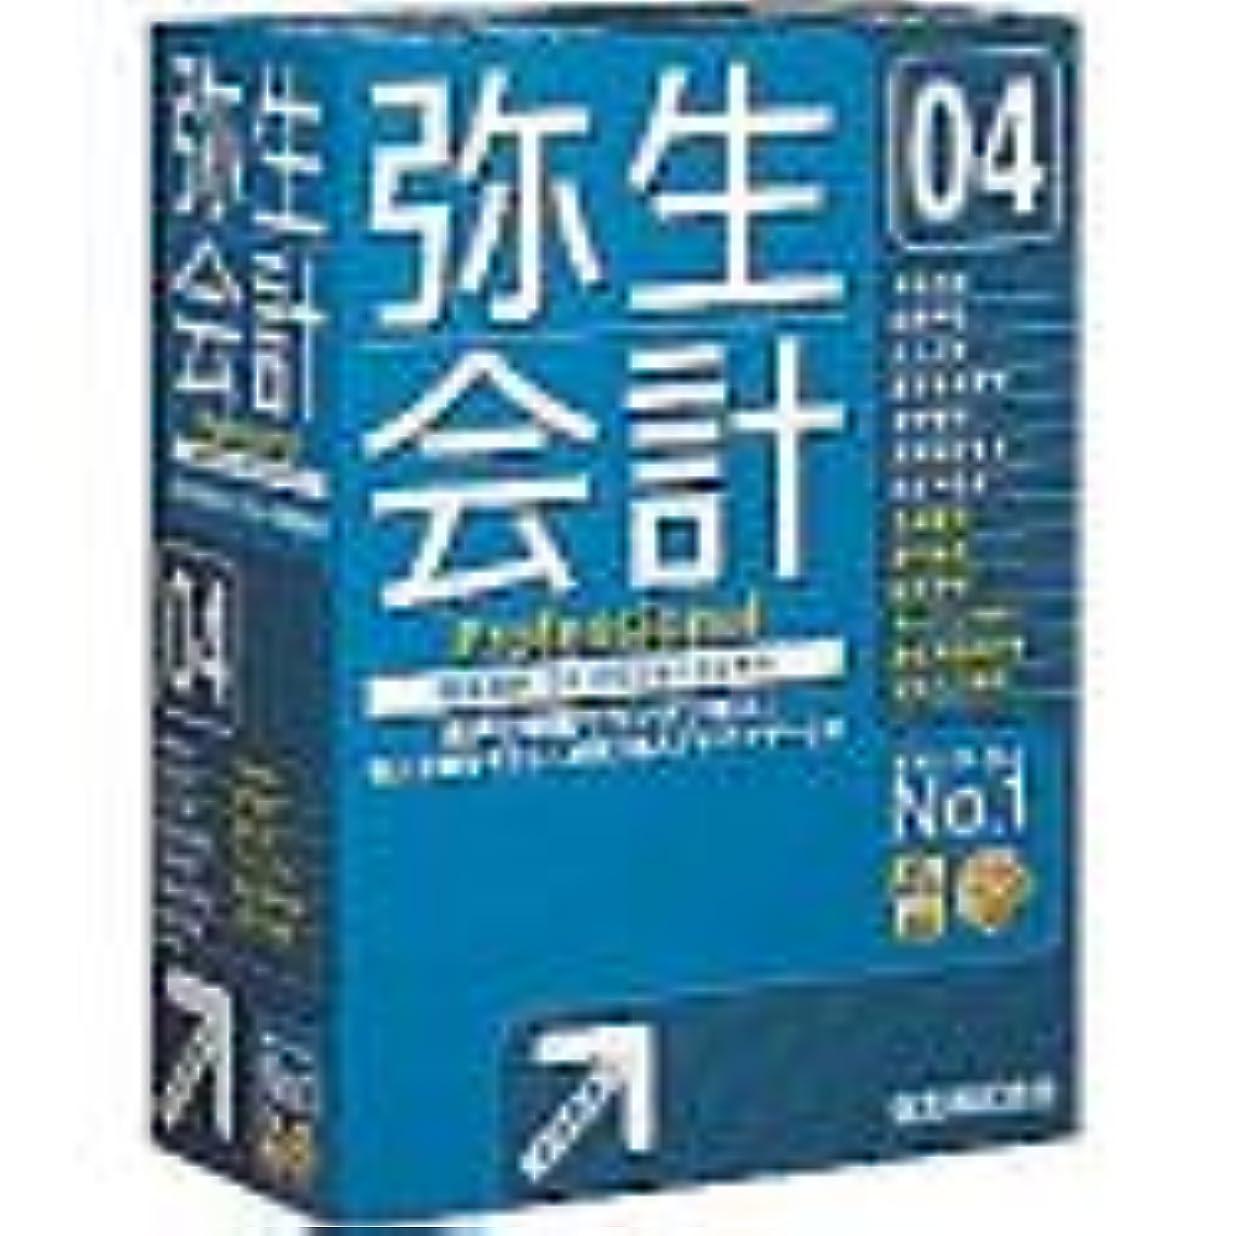 注文クリームボール【旧商品】弥生会計 04 Professional